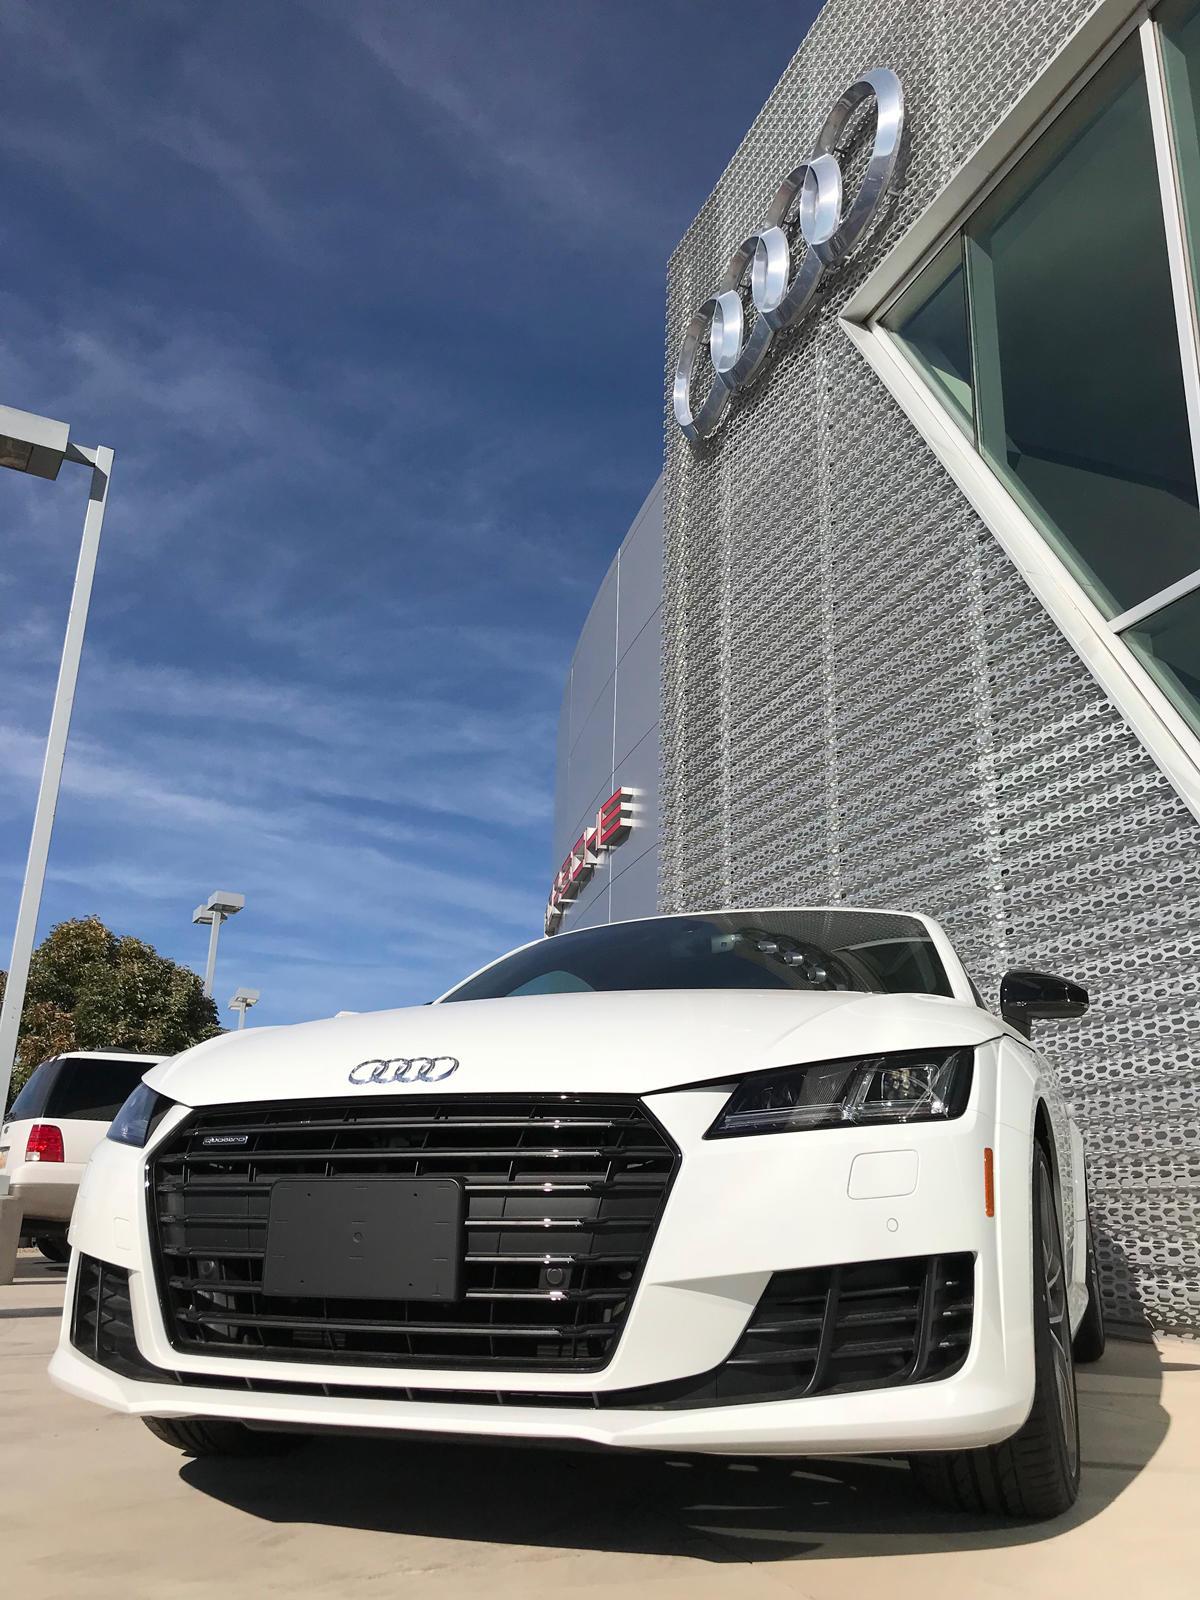 Audi Albuquerque Pan American Fwy NE Albuquerque NM Auto - Audi abq